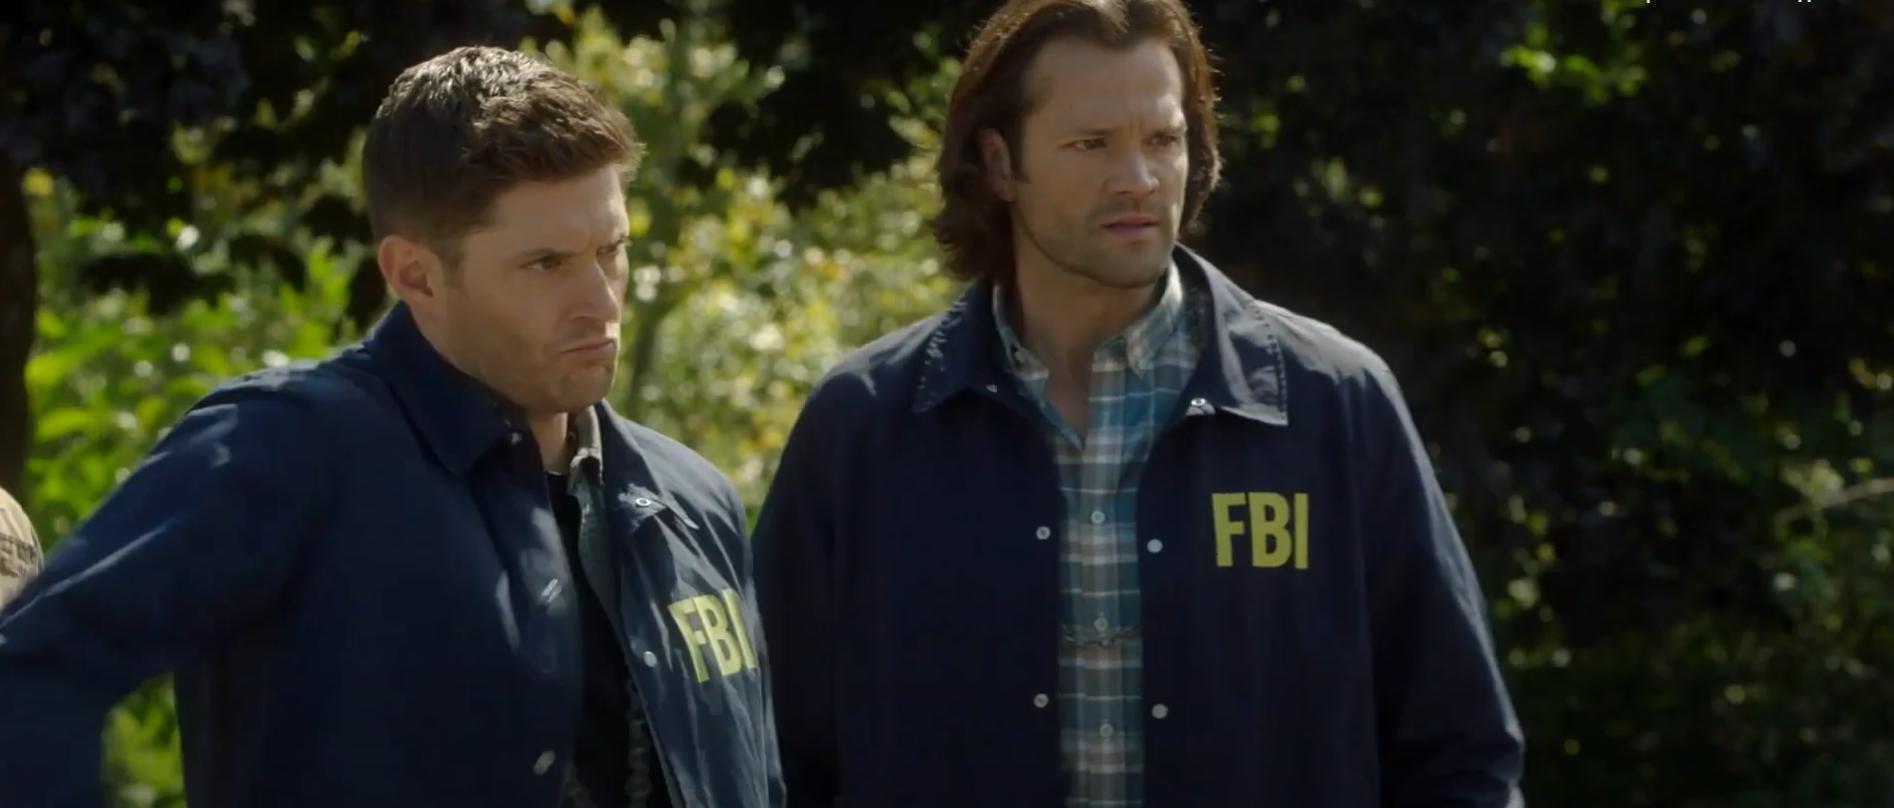 Кадр из сериала Сверхъестественное 15 сезон Дин и Сэм